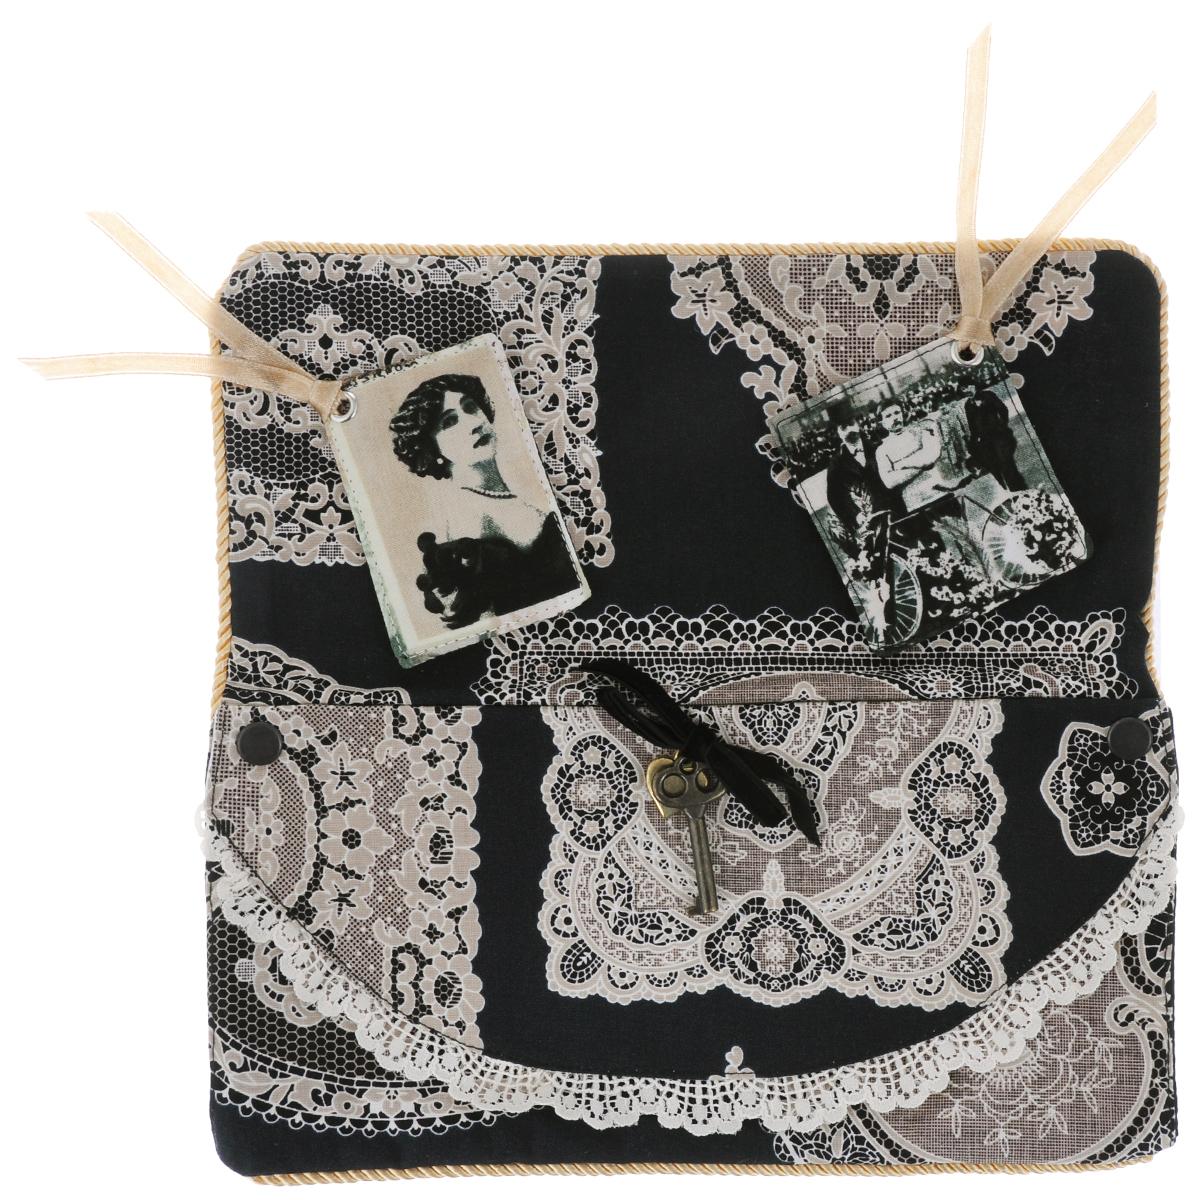 Чехол для подушки-думочки RTO Винтаж, 25 х 14 см. VT-72VT-72Чехол для подушки-думочки RTO Винтаж выполнен из текстиля с изображением винтажных кружевных узоров. Изделие декорировано золотистым шнуром, кружевом и подвеской в виде ключика с сердечком. Серия Vintage Collection представляет аксессуары, выполненные в винтажном стиле. Такие изделия прекрасно оформят интерьер комнаты и станут замечательным подарком к любому случаю. Размер чехла: 25 х 14 см